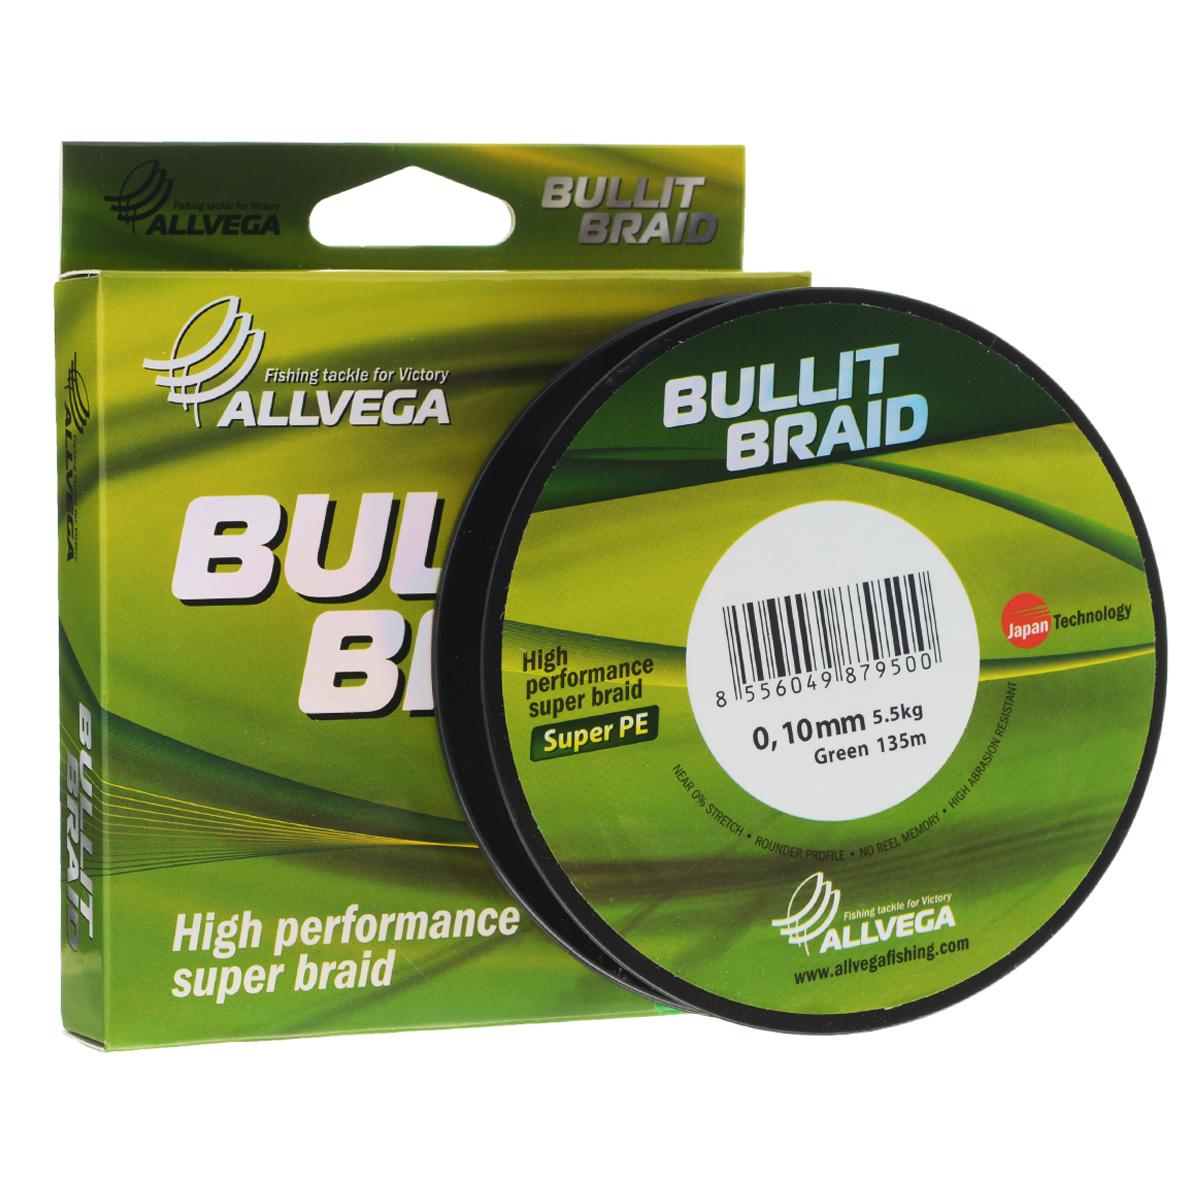 Леска плетеная Allvega Bullit Braid, цвет: темно-зеленый, 135 м, 0,10 мм, 5,5 кг39929Леска Allvega Bullit Braid с гладкой поверхностью и одинаковым сечением по всей длине обладает высокой износостойкостью. Благодаря микроволокнам полиэтилена (Super PE) леска имеет очень плотное плетение и не впитывает воду. Леску Allvega Bullit Braid можно применять в любых типах водоемов. Особенности:повышенная износостойкость;высокая чувствительность - коэффициент растяжения близок к нулю;отсутствует память; идеально гладкая поверхность позволяет увеличить дальность забросов; высокая прочность шнура на узлах.